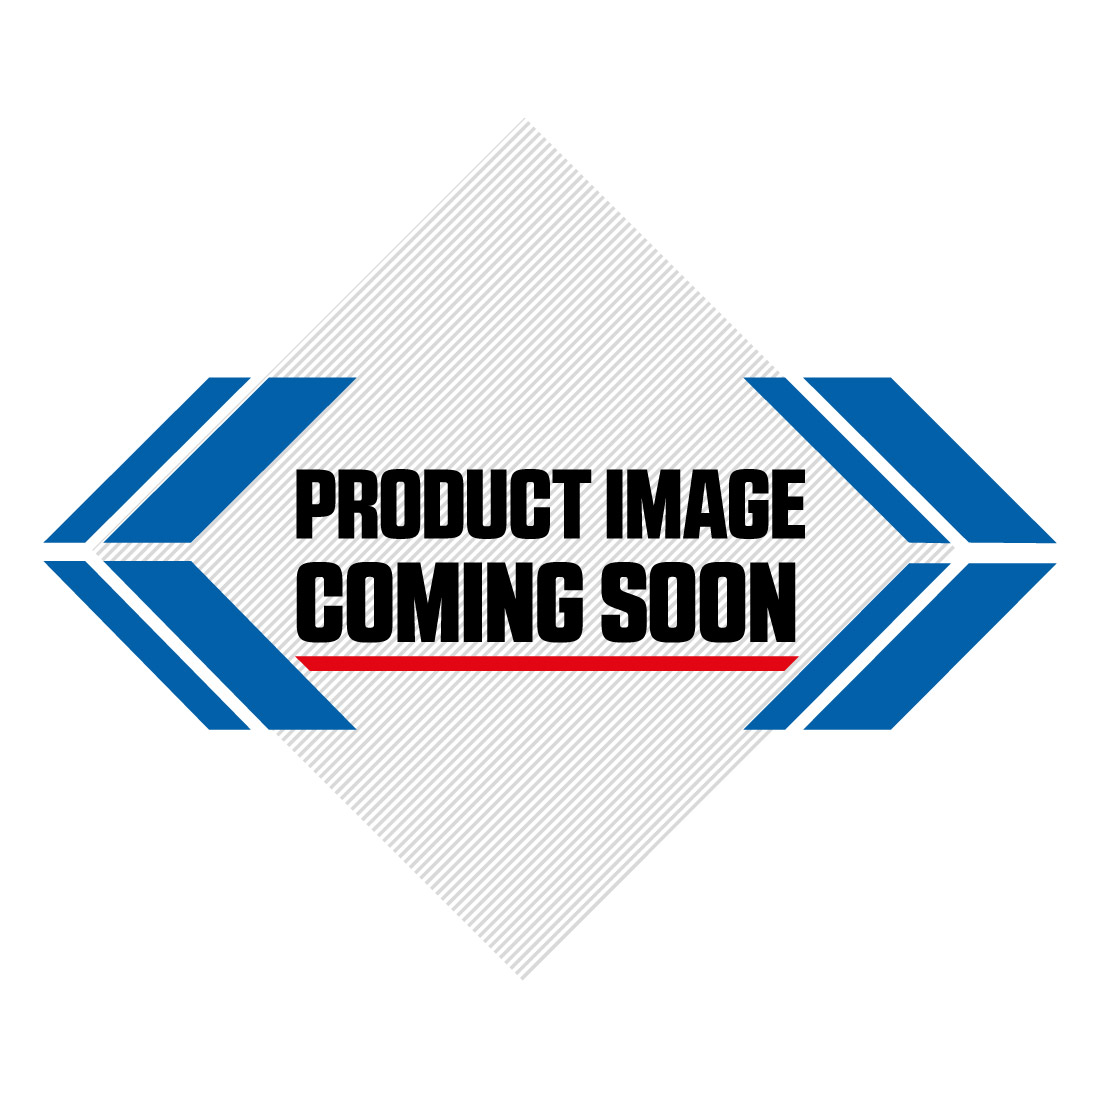 UFO KTM Plastic Kit SX 125 150 250 SXF 250 350 450 (16-18) Black Image-3